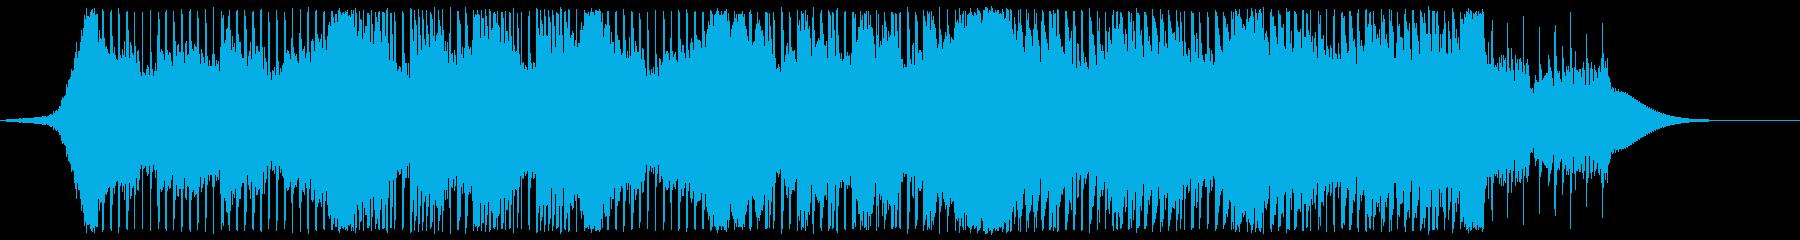 【爽やか】頑張る姿の軽快な応援BGMの再生済みの波形